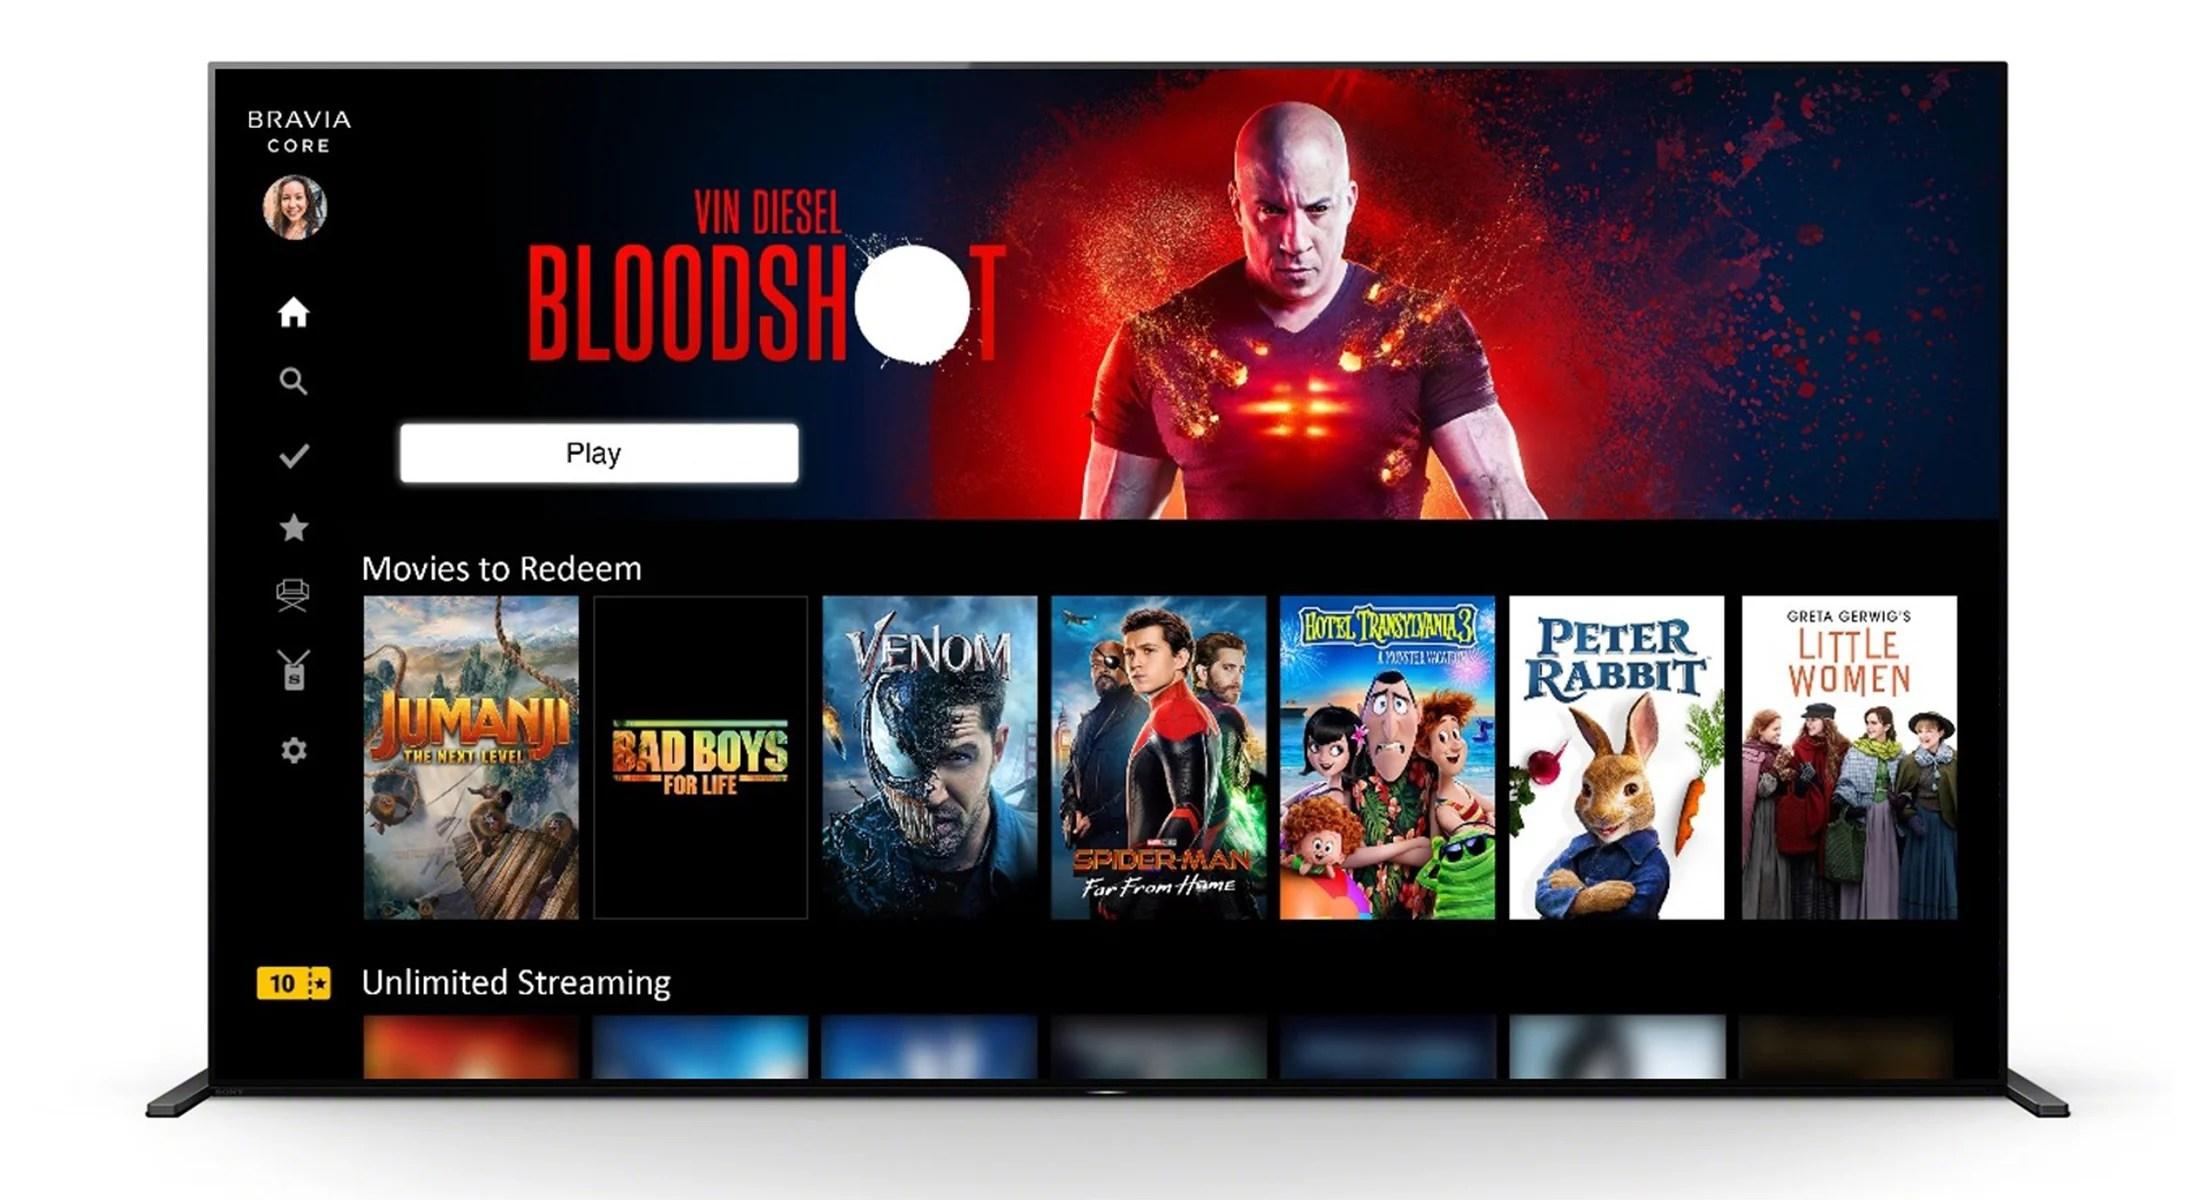 On a essayé Sony Bravia Core: la qualité Blu-ray en streaming est-elle convaincante?